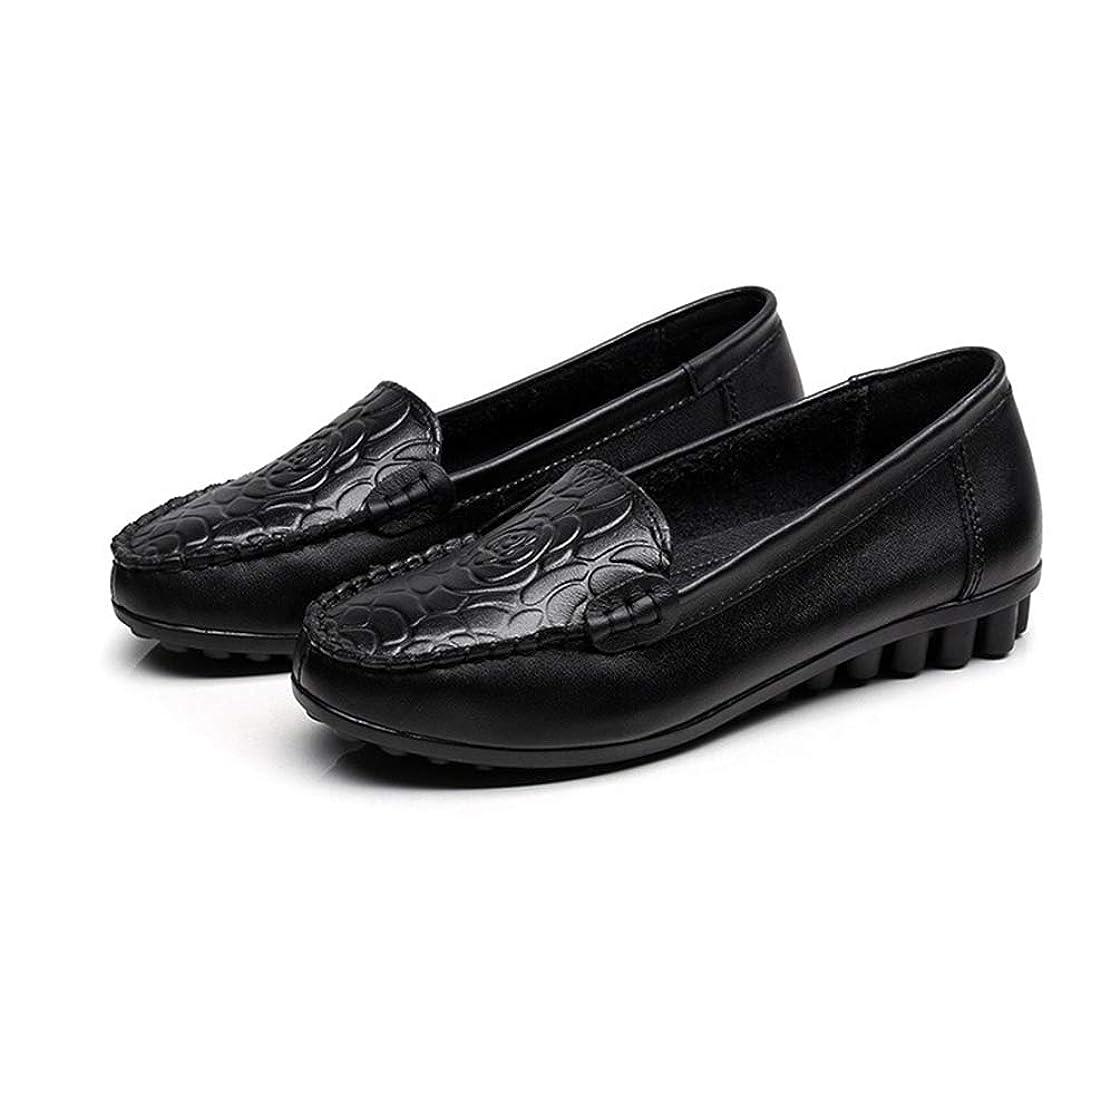 受け入れる上院議員気晴らし[Florai-JP] フラットシューズ パンプス 婦人靴 カジュアル 型押し 滑り止め ぺタンコ オフィス 快適 シンブル コンフォート ローヒール 可愛い 歩きやすい 柔らかい 通勤 秋 妊婦 フォーマル 大きいサイズ 軽い 22.5-25.5cm